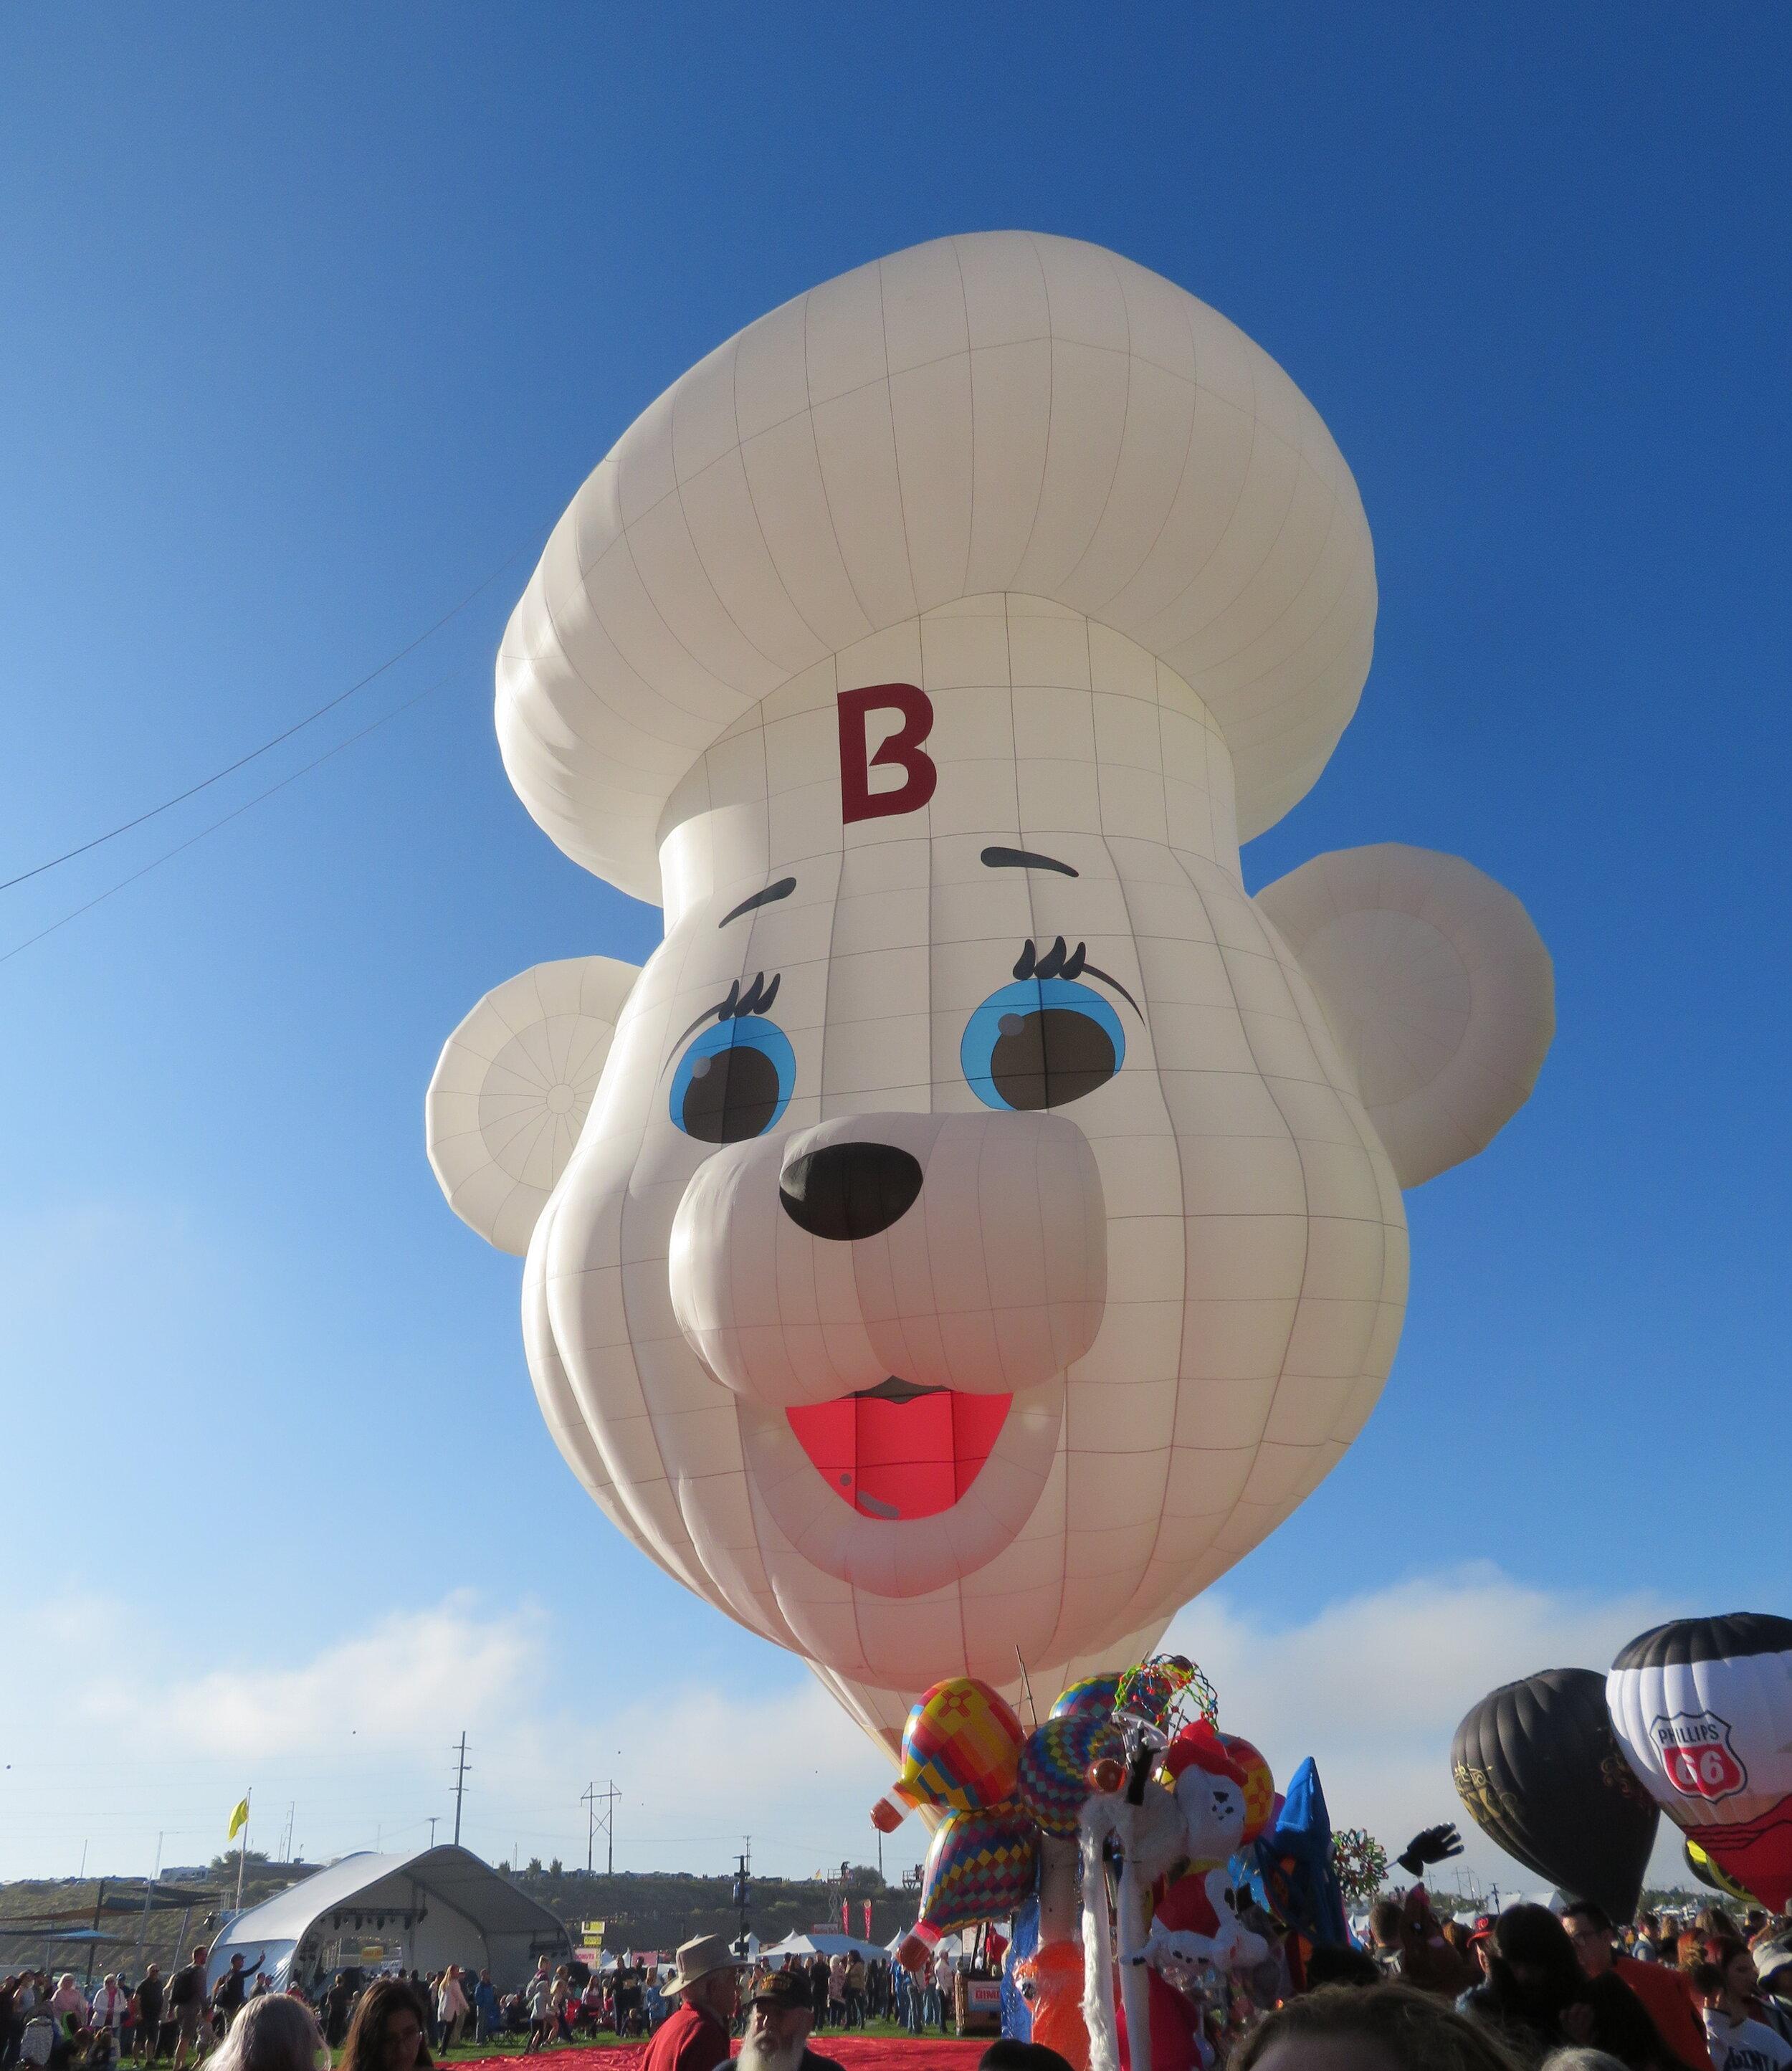 Bimbo Bear